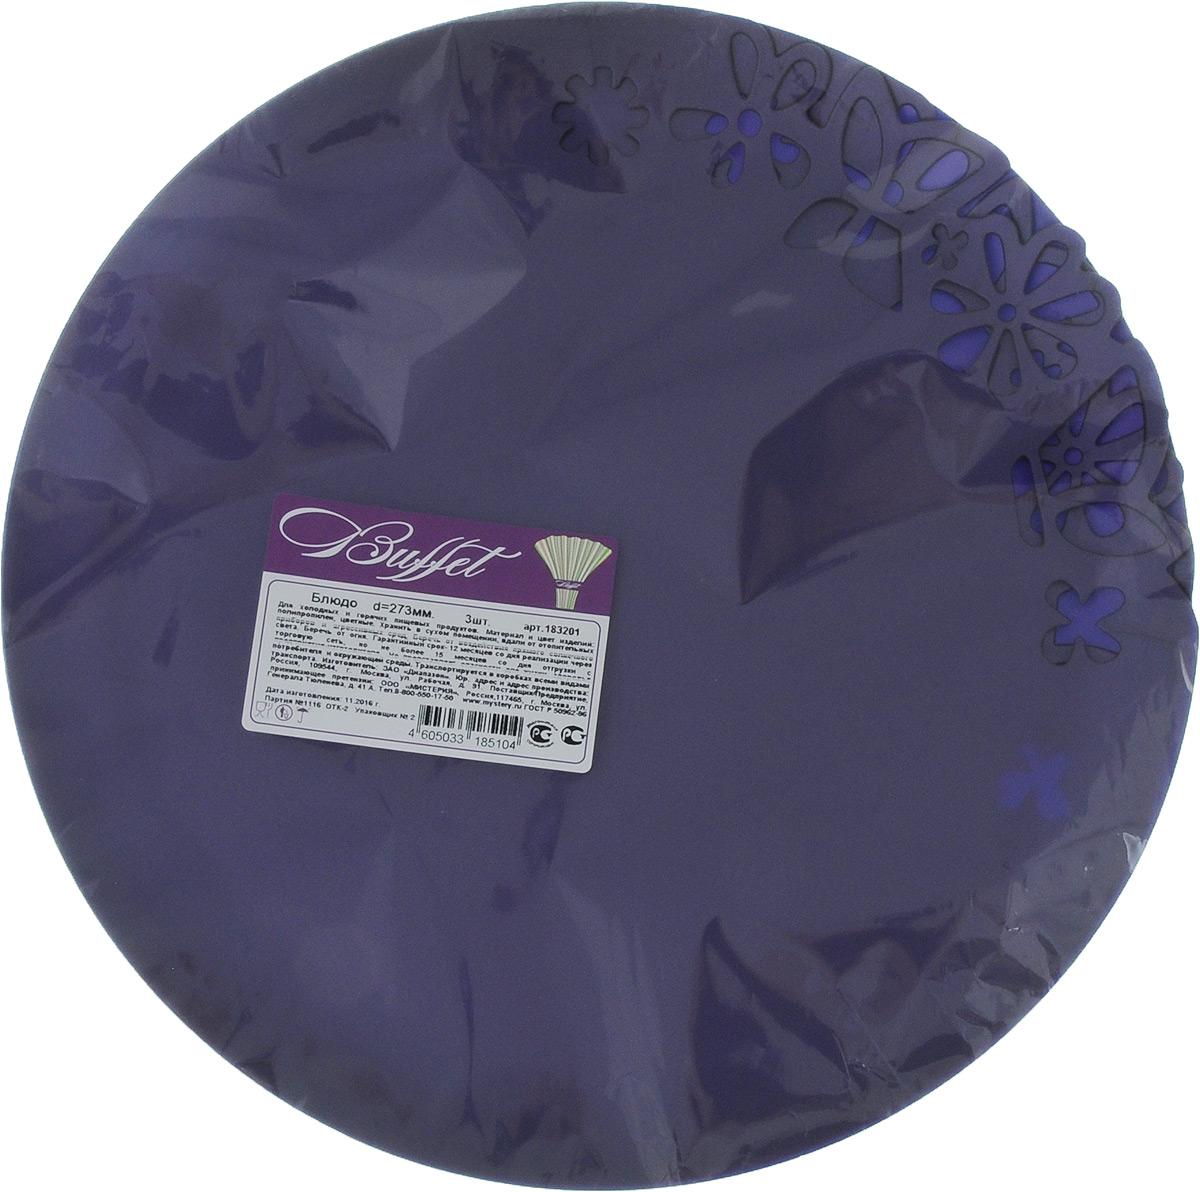 Набор тарелок Buffet, цвет: фиолетовый, диаметр 27,3 см, 3 шт115510Набор Buffet состоит из трех тарелок, оформленных декоративной перфорацией. Изделия, изготовленные из высококачественной полипропилена, сочетают в себе изысканный дизайн с максимальной функциональностью. Тарелки предназначены для холодных и горячих (до +70°С) продуктов. Такие тарелки незаменимы в поездках на природу и на пикниках.Диаметр тарелки: 27,3 см.Высота стенки: 1,5 см.